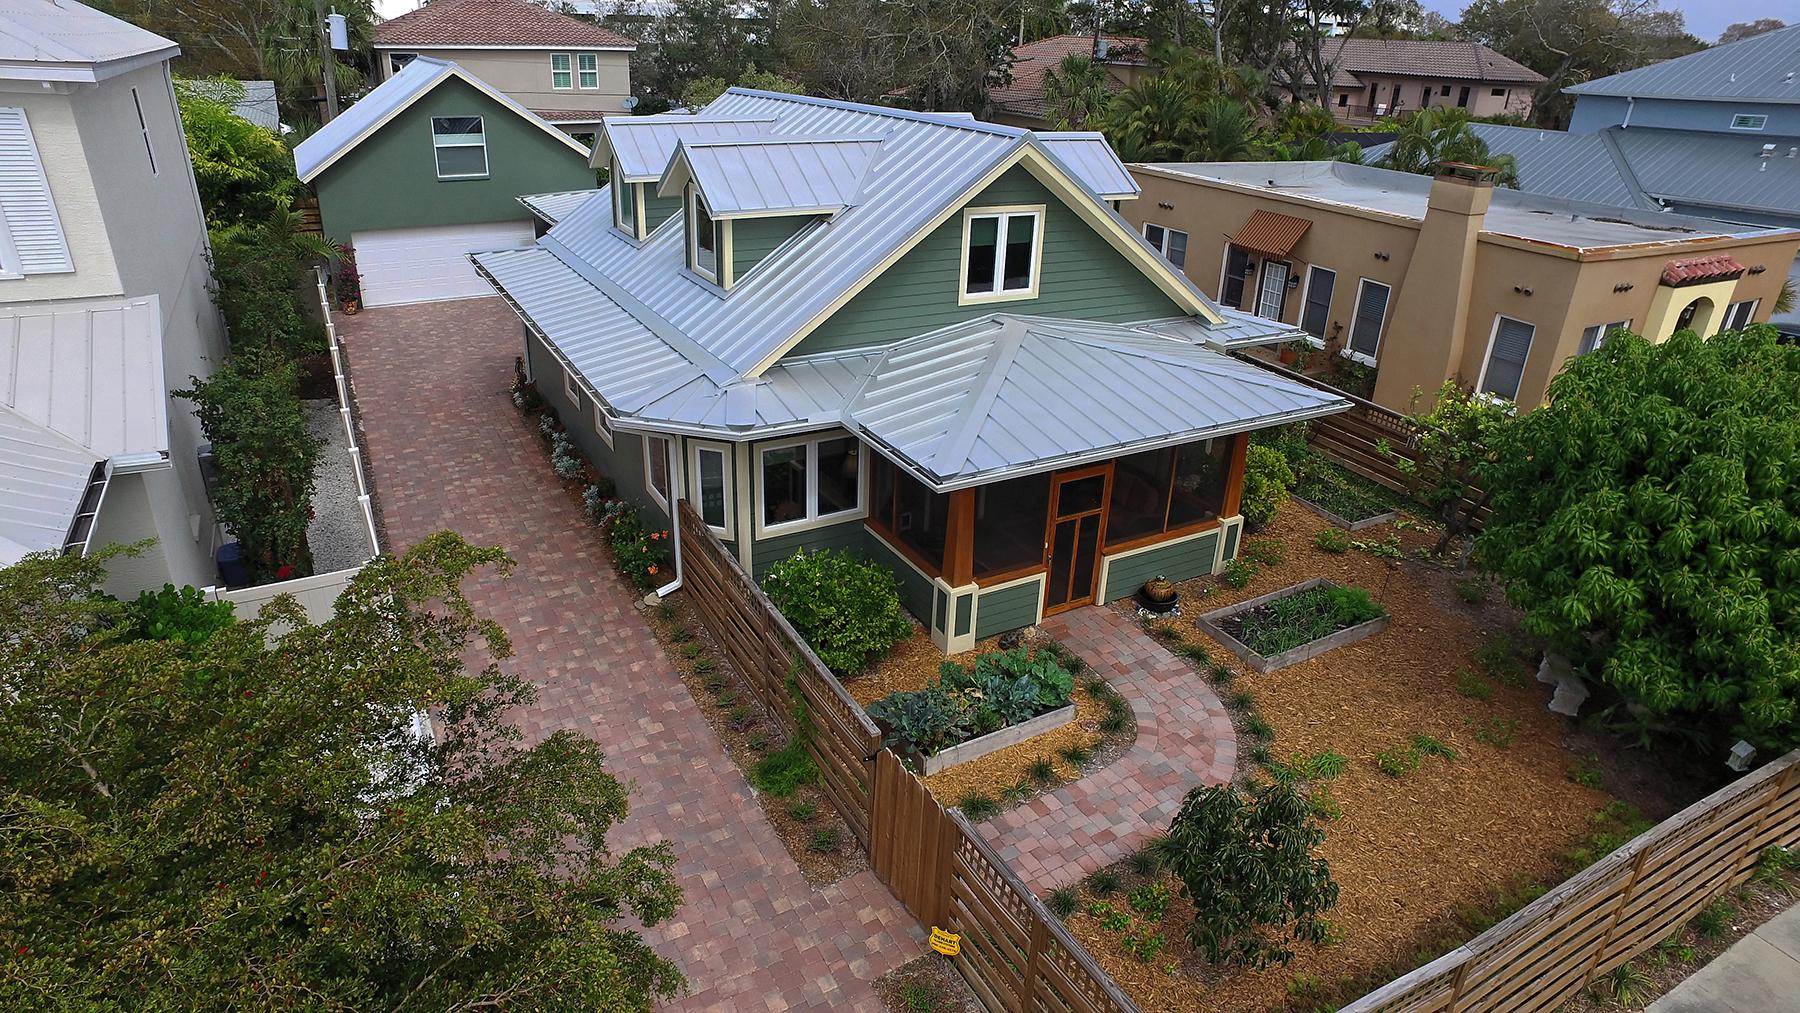 단독 가정 주택 용 매매 에 DESOTA PARK 1841 Datura St Sarasota, 플로리다, 34239 미국